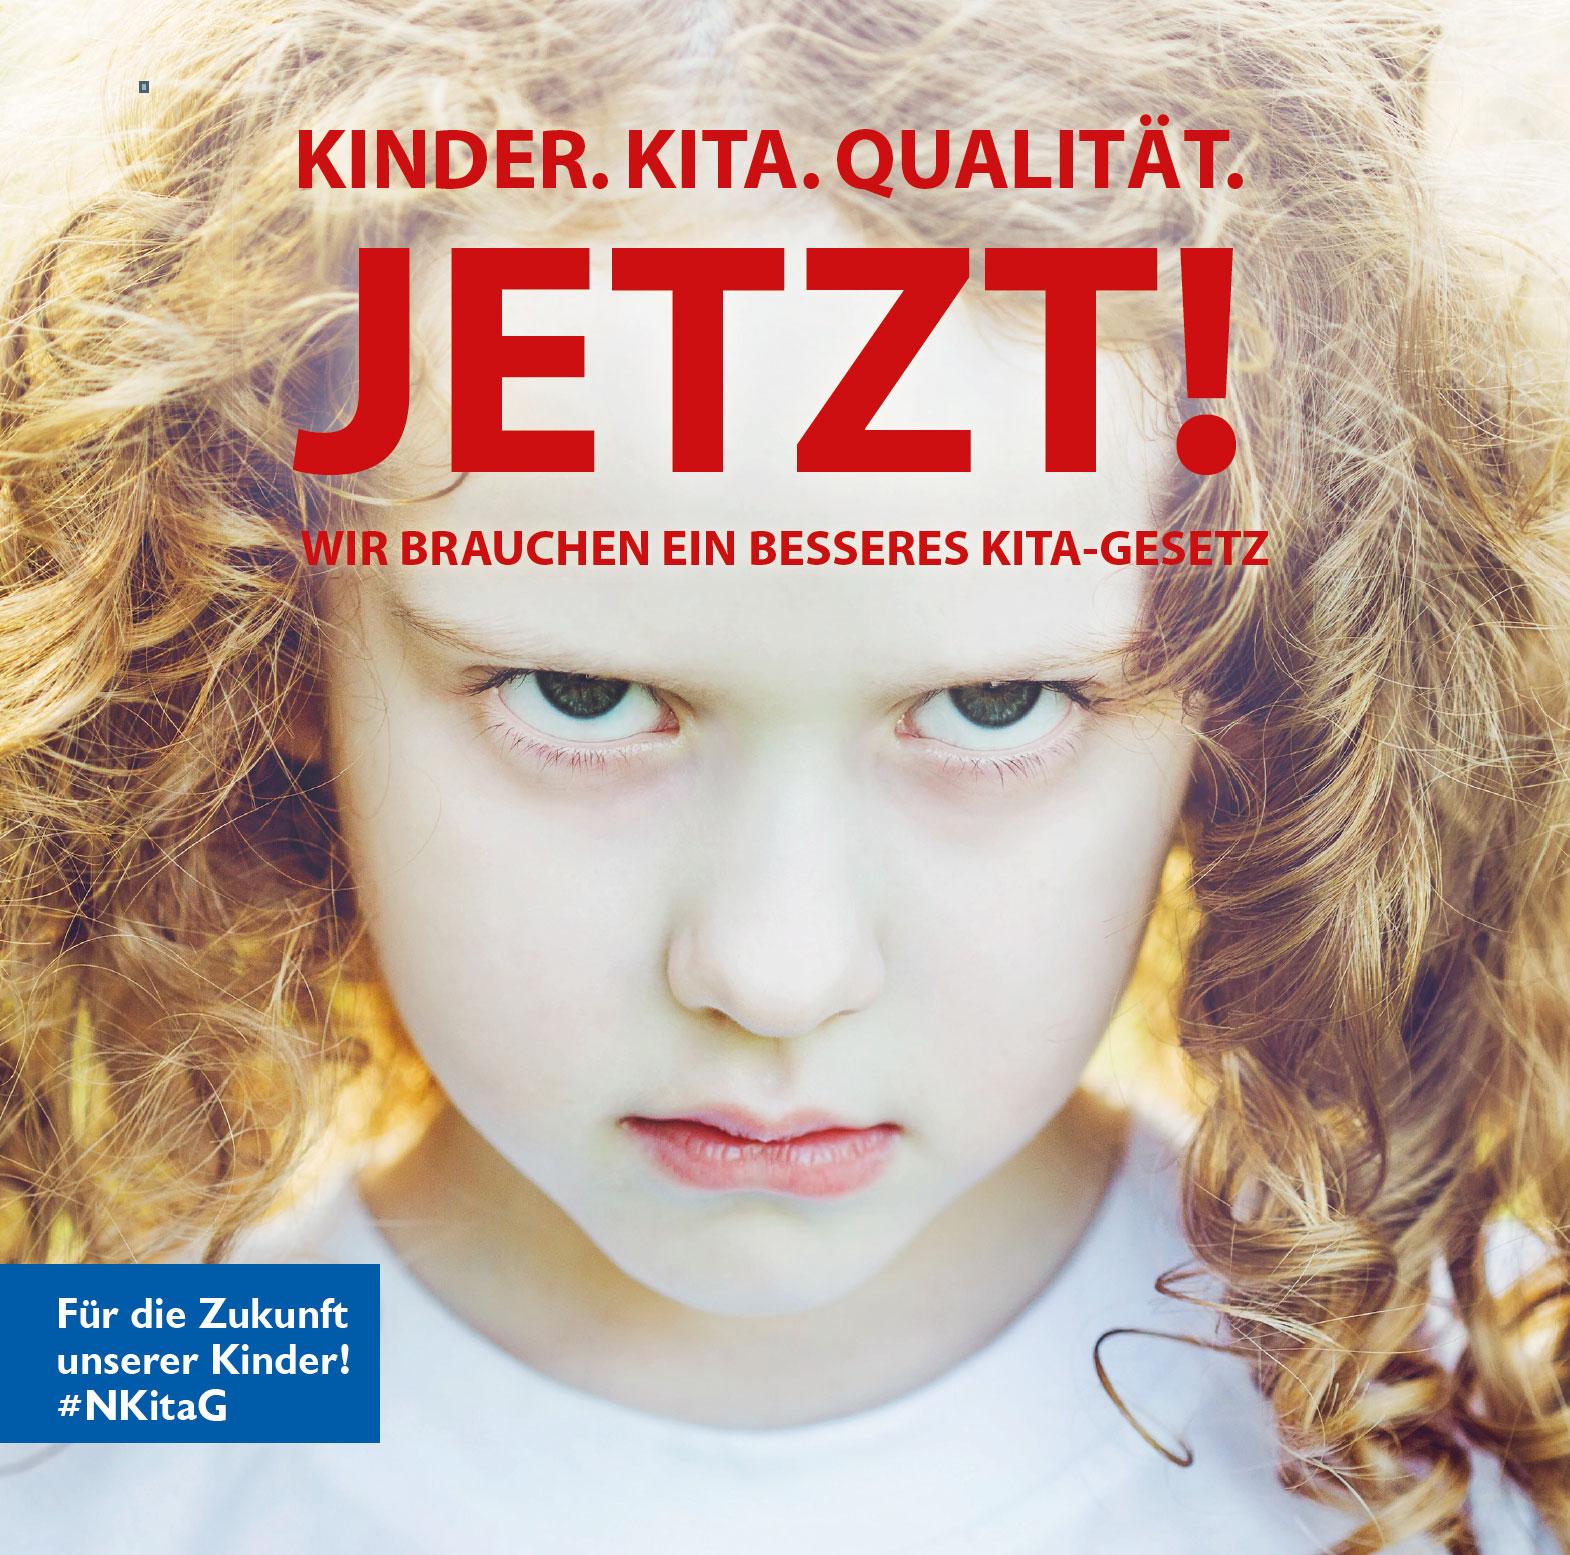 Für die Zukunft unserer Kinder! #NKitaG